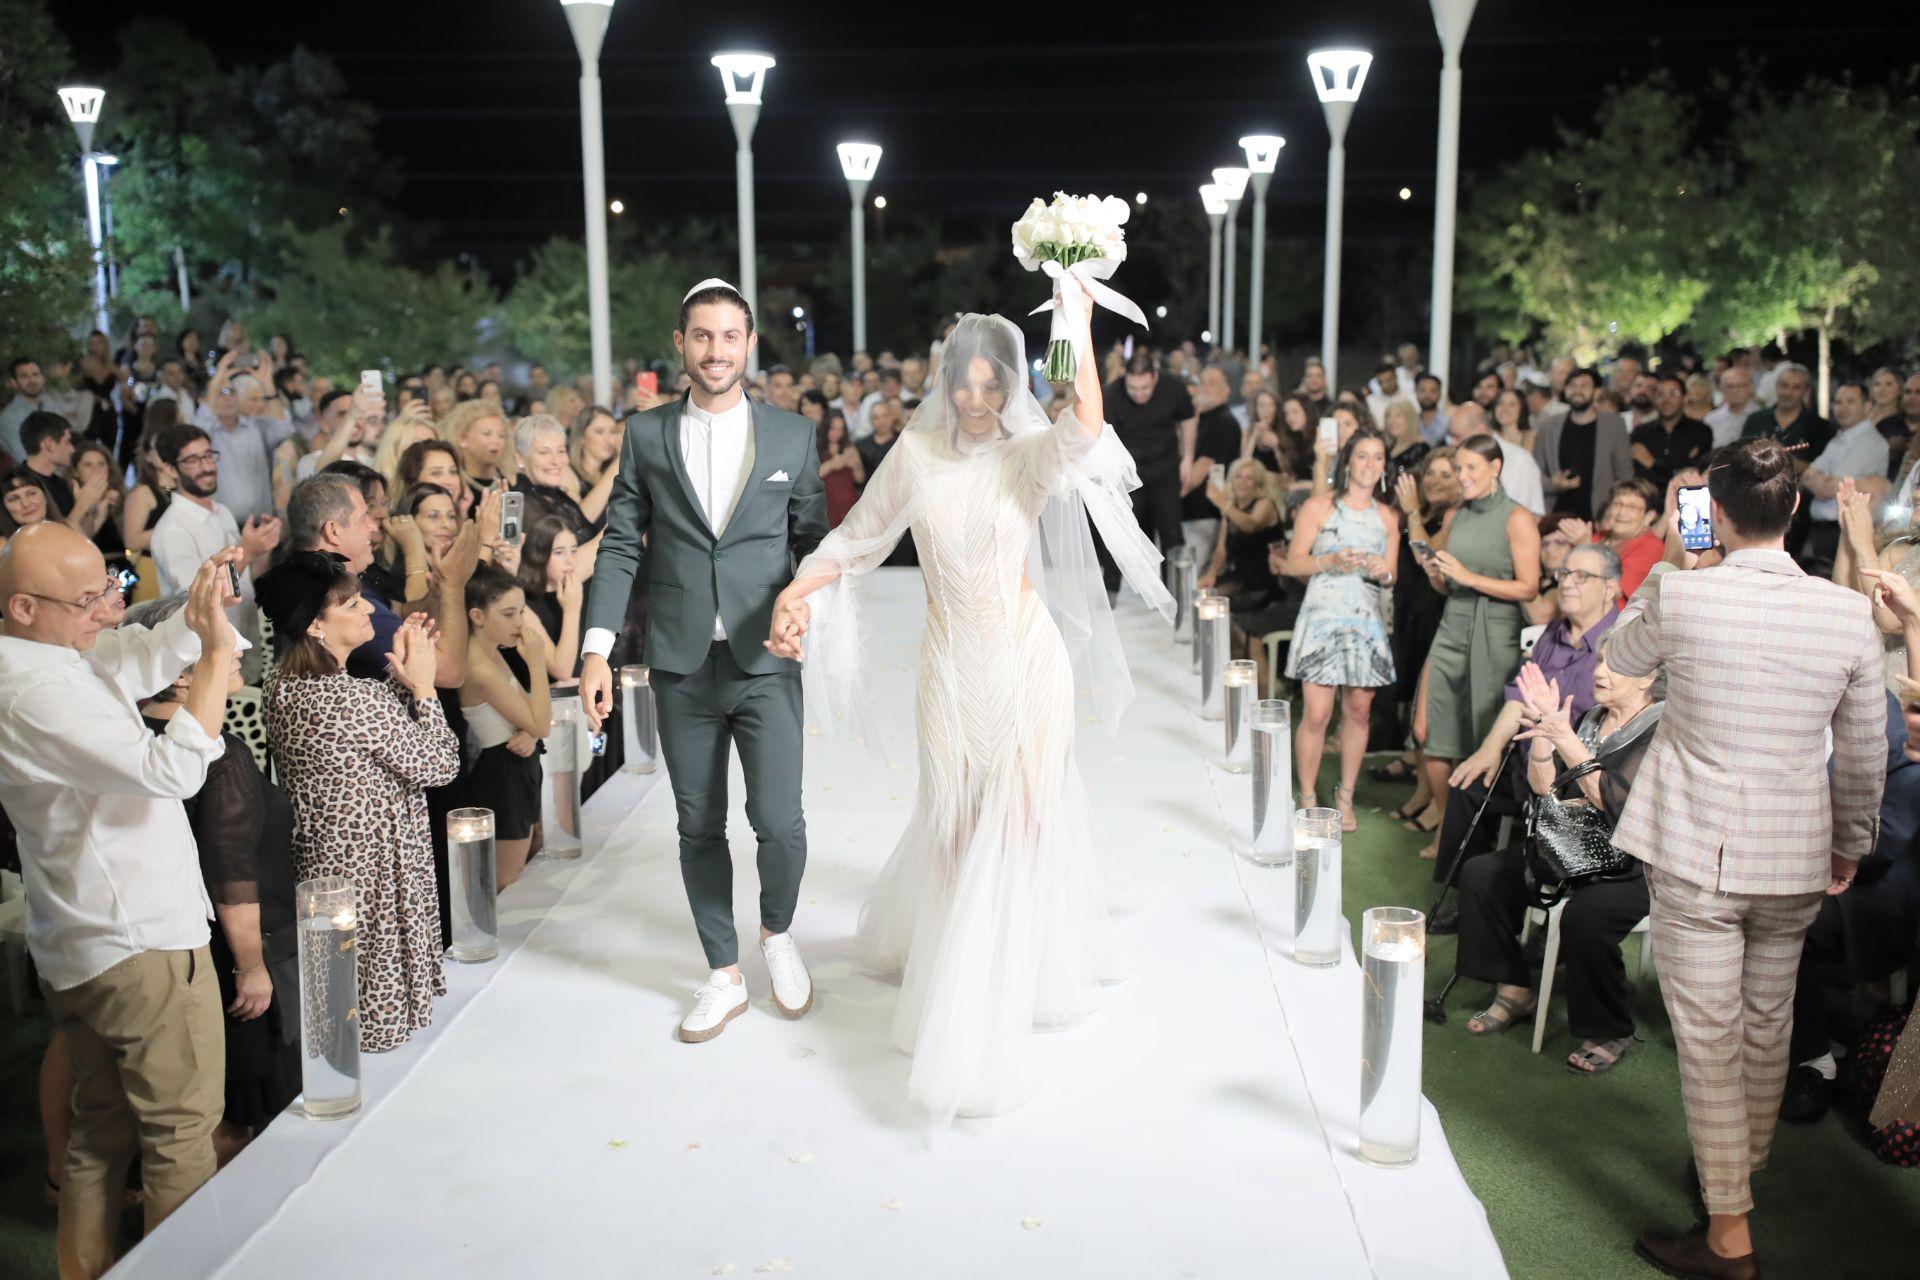 החתן והכלה תרמו את השיער באמצע החתונה